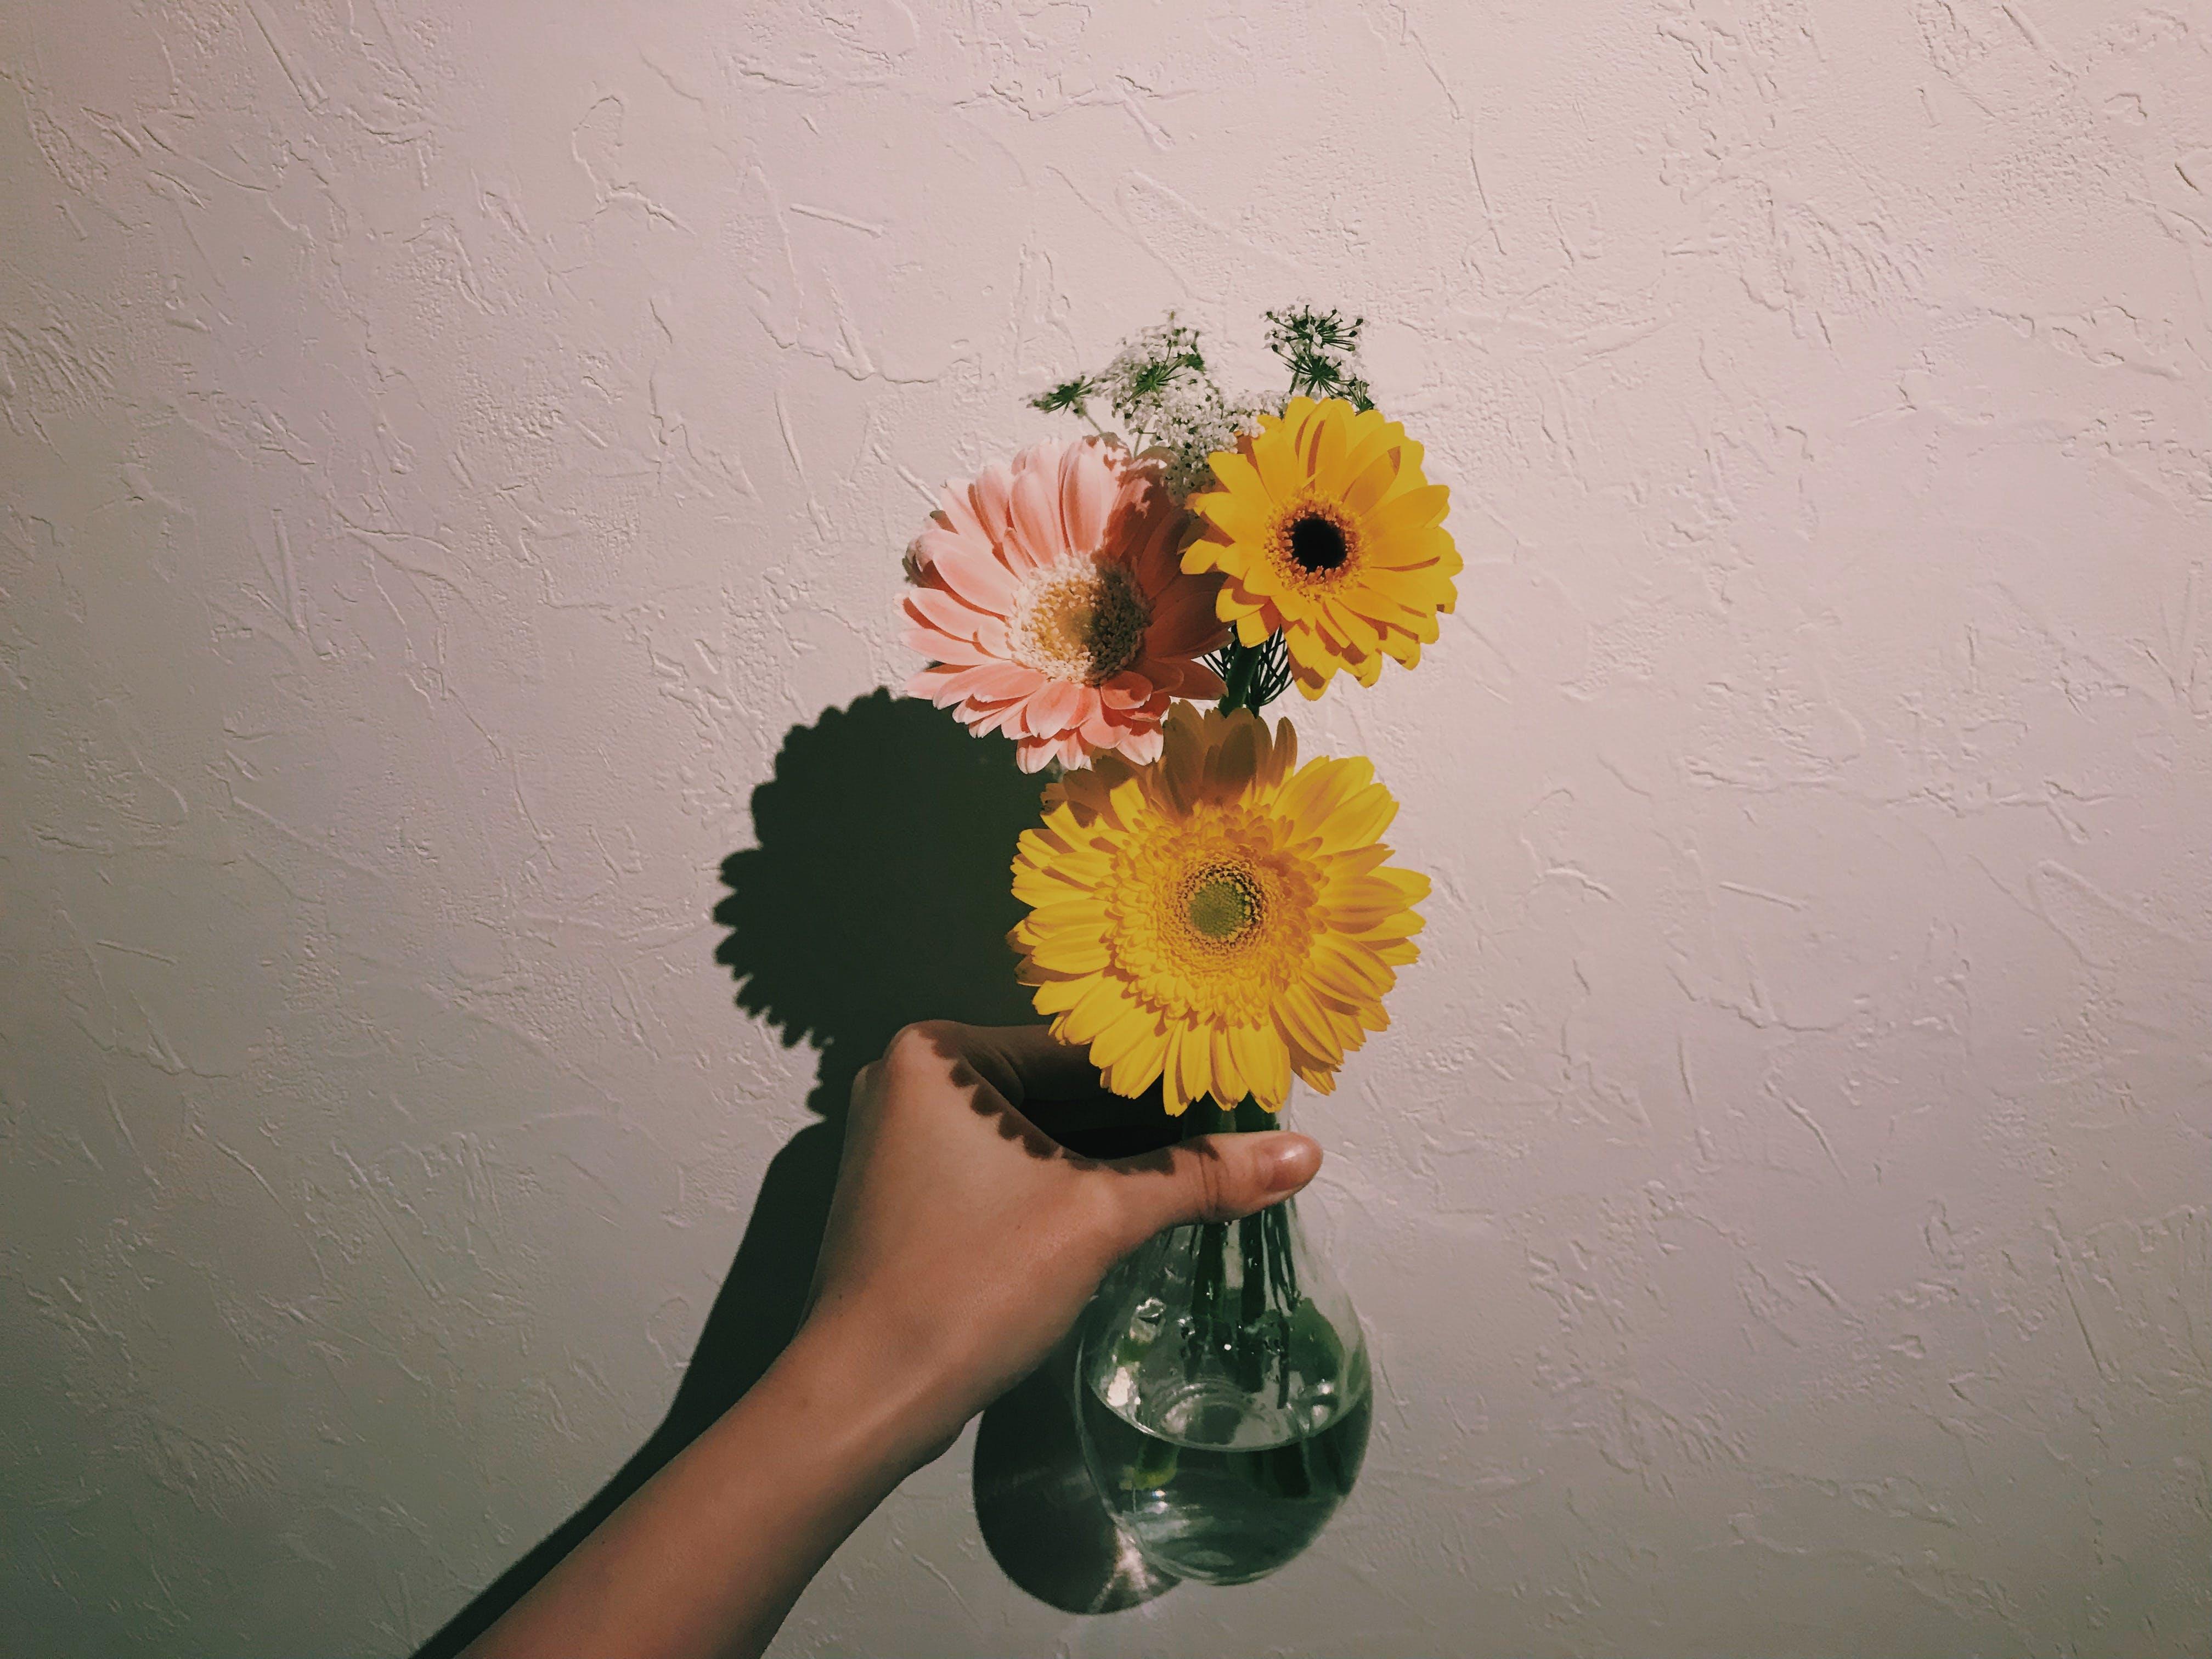 Kostenloses Stock Foto zu blumen, blütenblätter, farben, flora